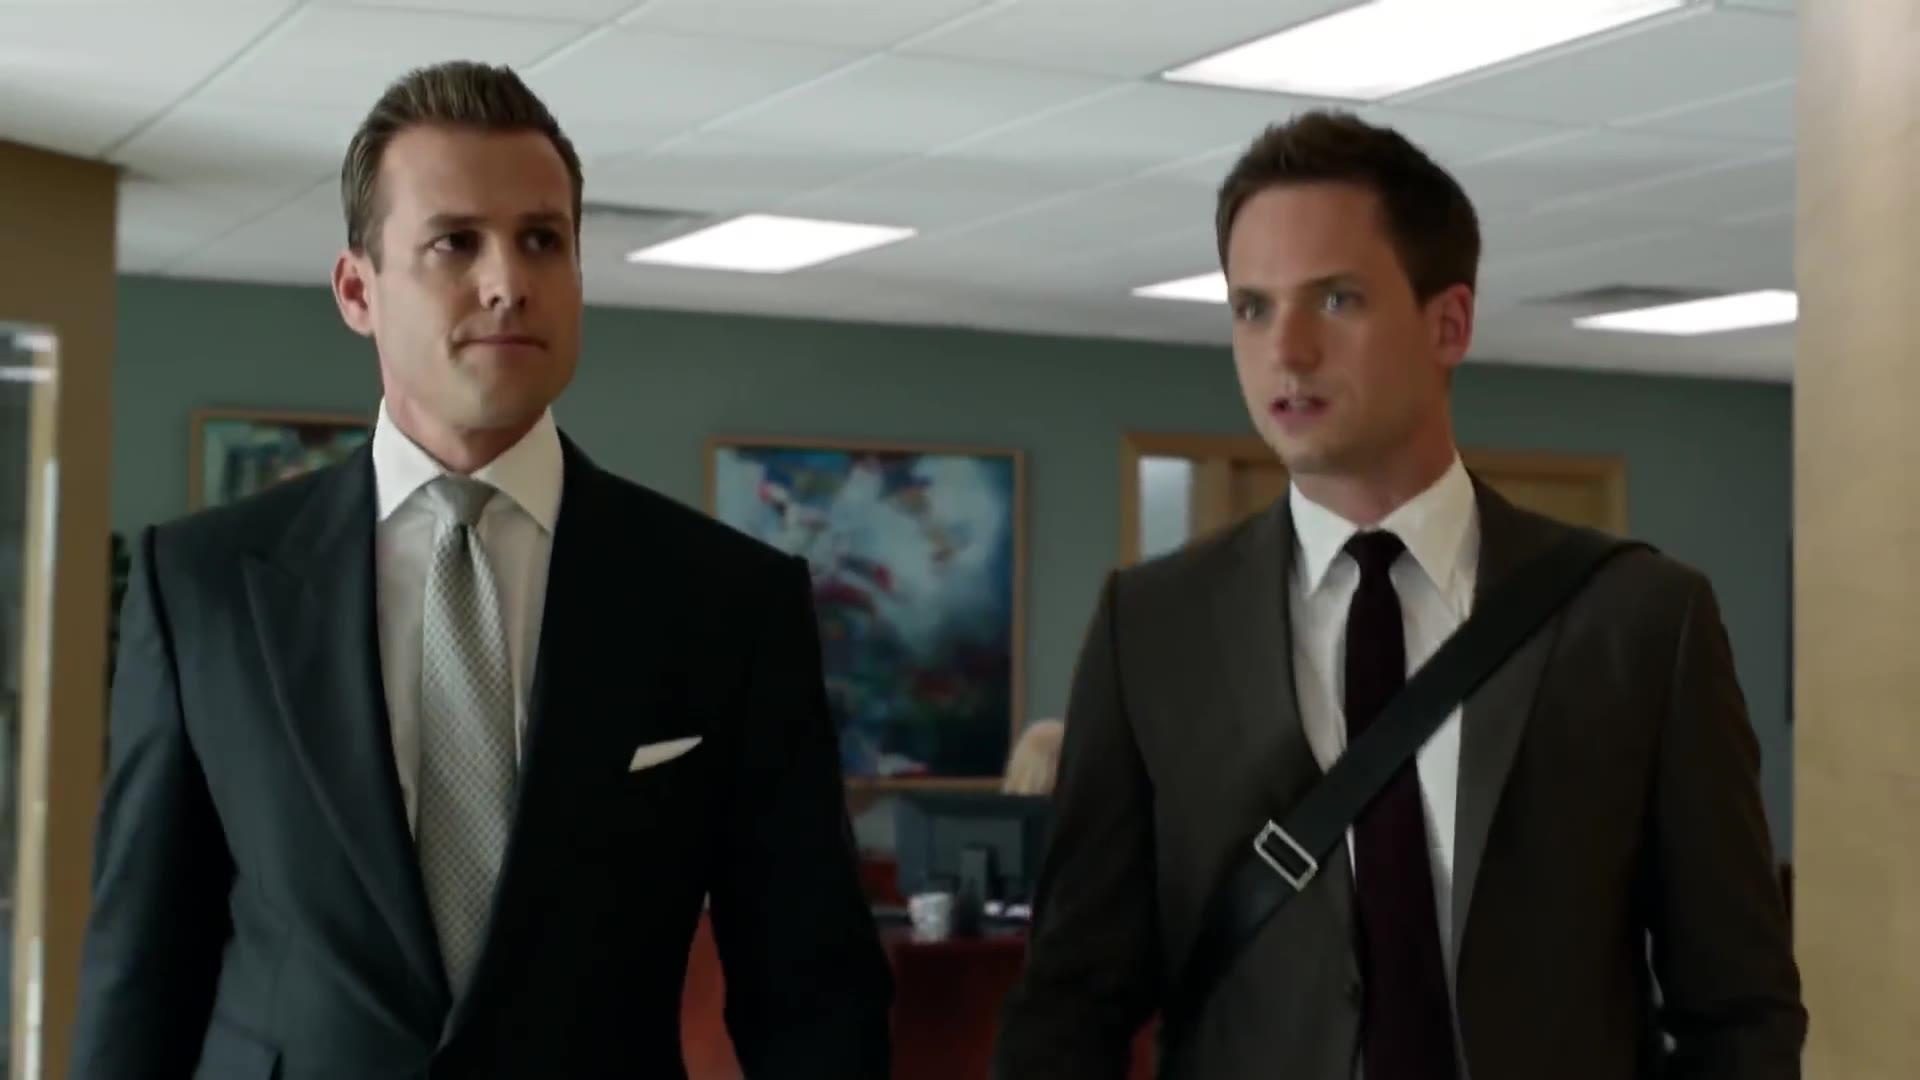 suits season 2 episode 9 vidbaba